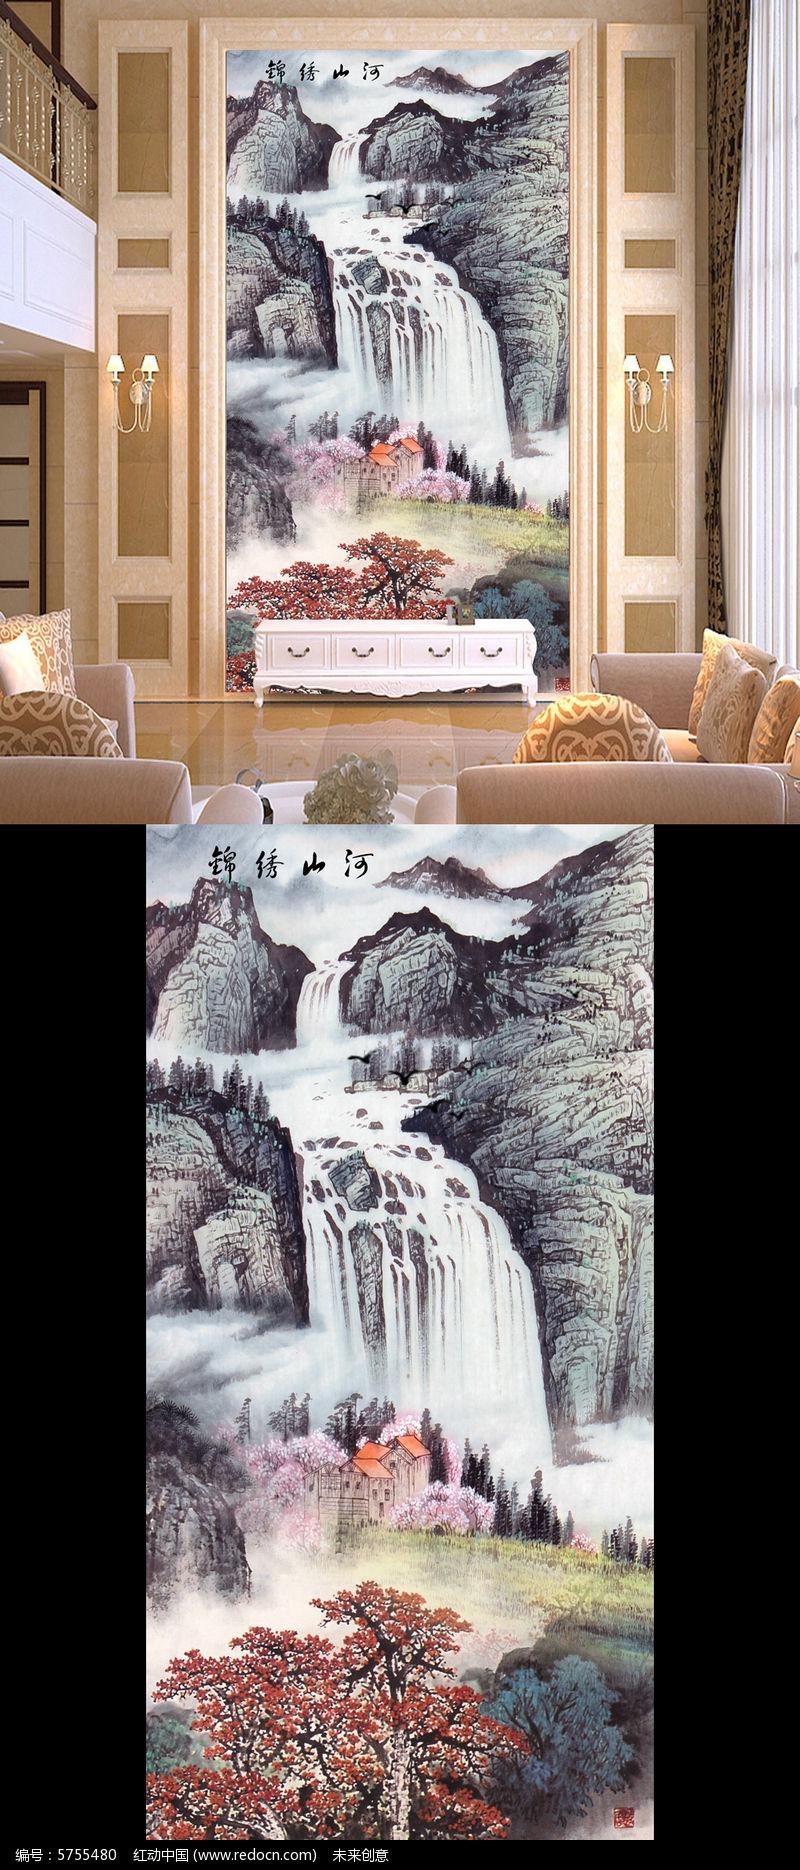 高山流水国画水墨画山水画风景画玄关图片